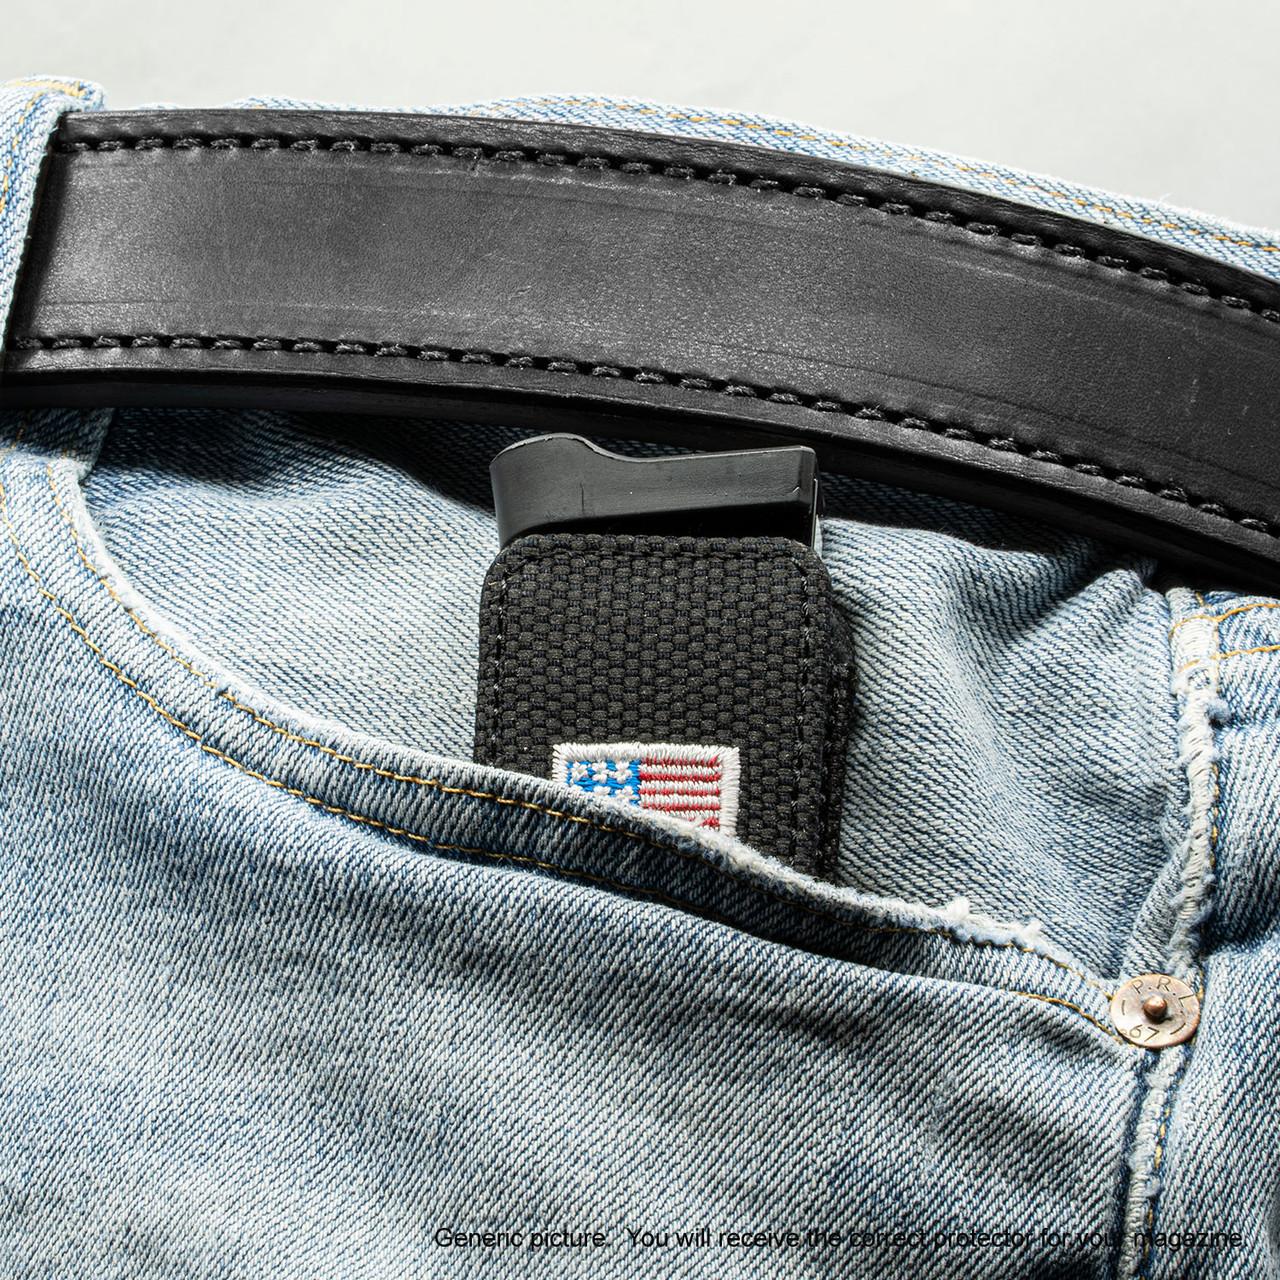 Kahr CW45 Black Canvas Flag Magazine Pocket Protector